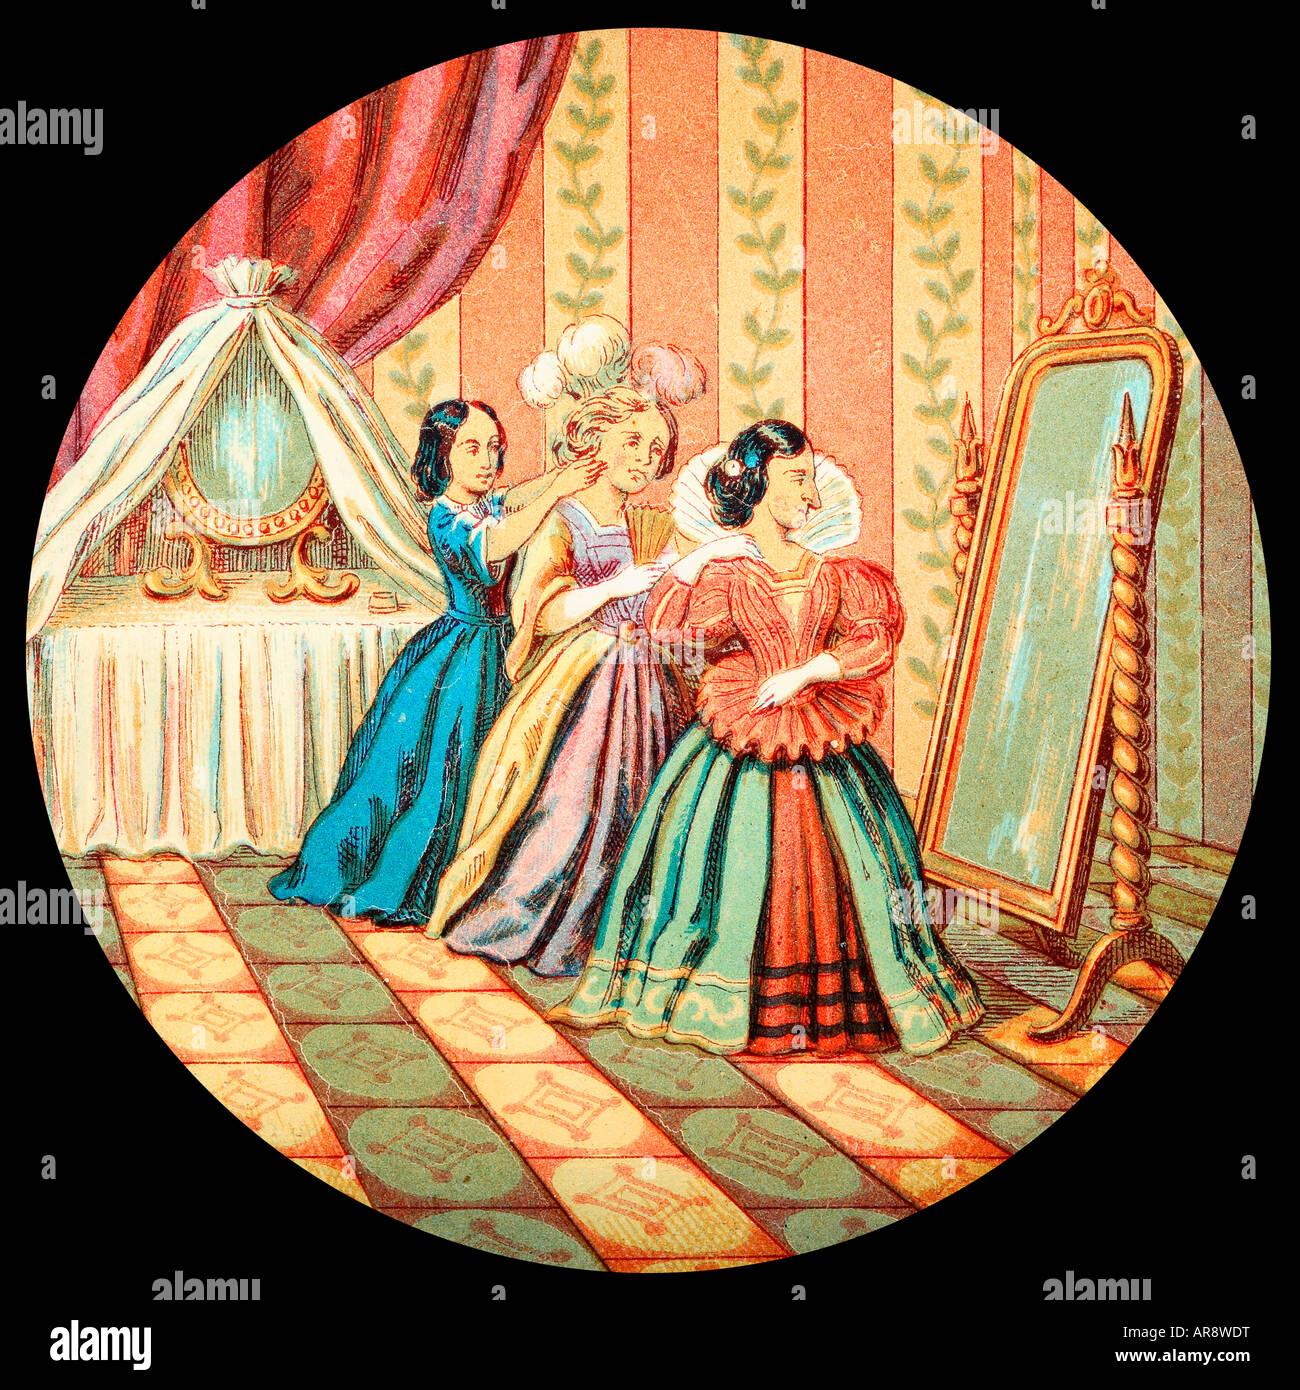 Vecchia lanterna in vetro scorrevole della storia di Cenerentola. Con il brutto sorelle. Immagini Stock